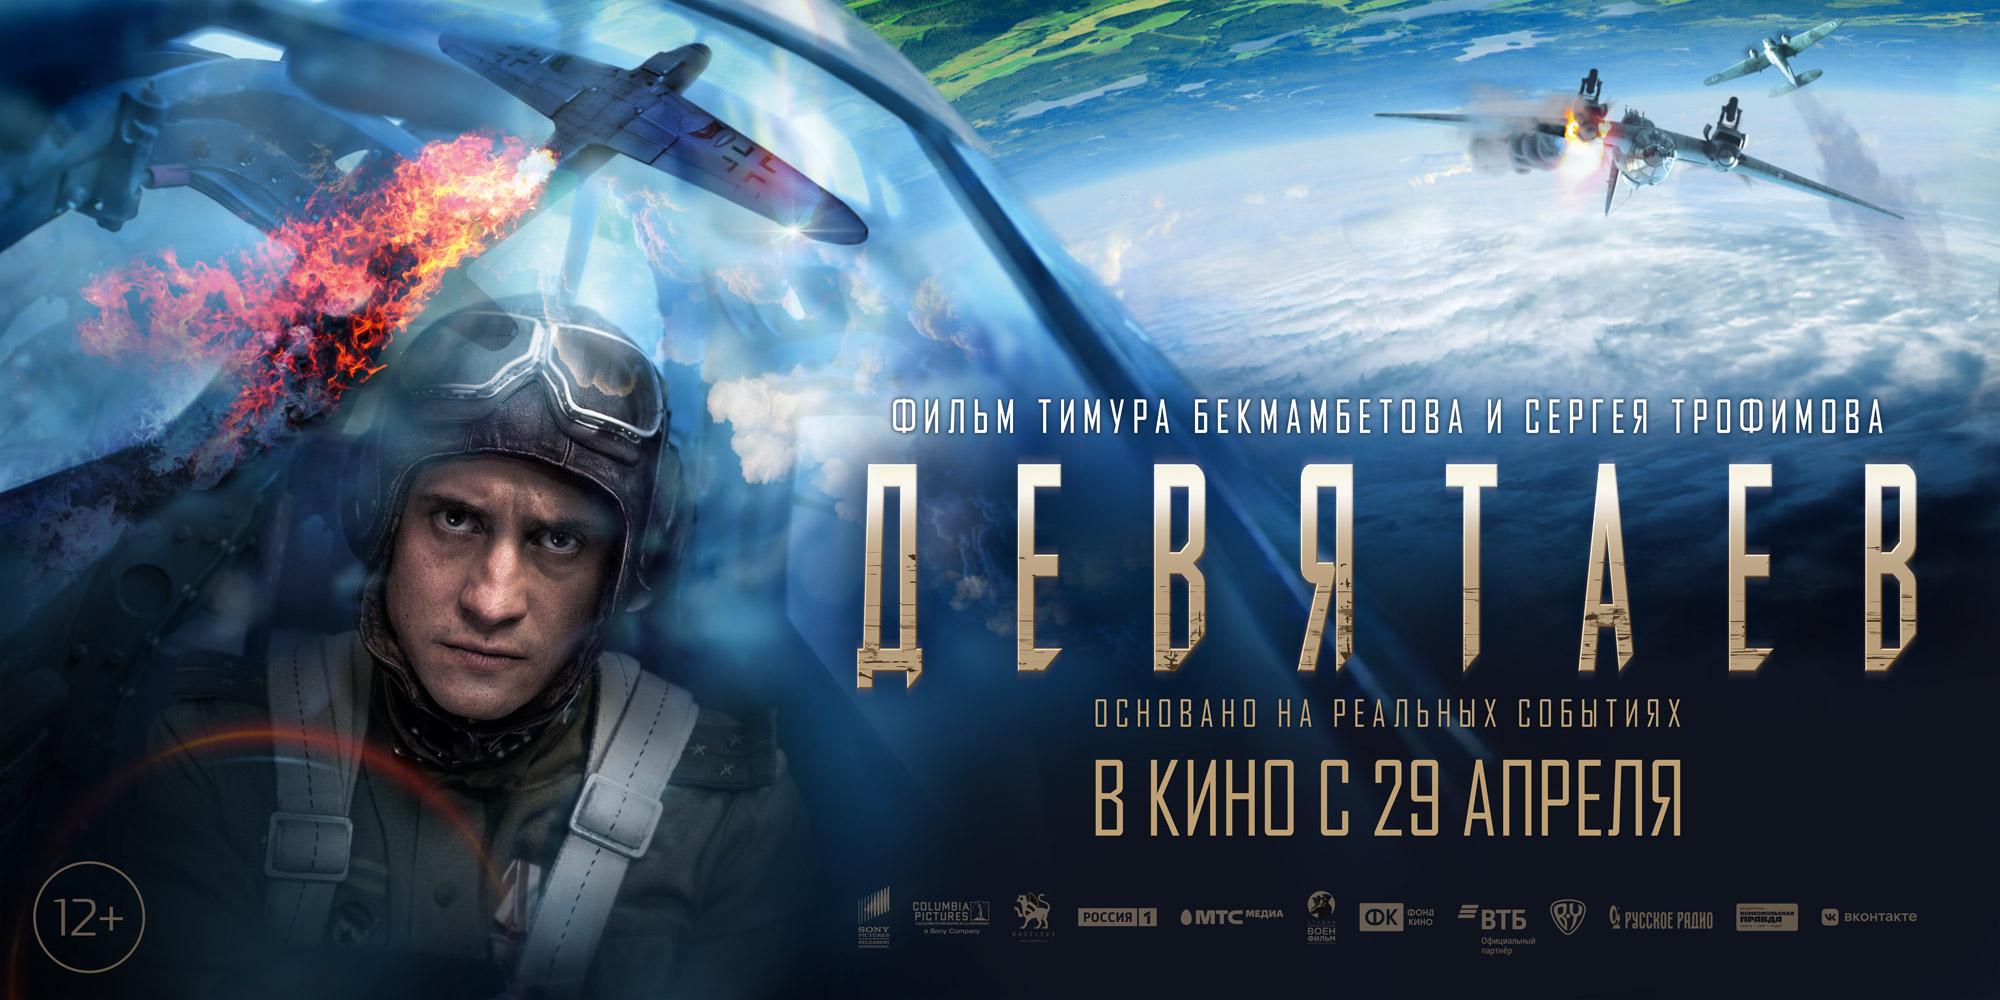 ПРЕМЬЕРА ФИЛЬМА «ДЕВЯТАЕВ» в кинотеатре ПОКЛОНКА